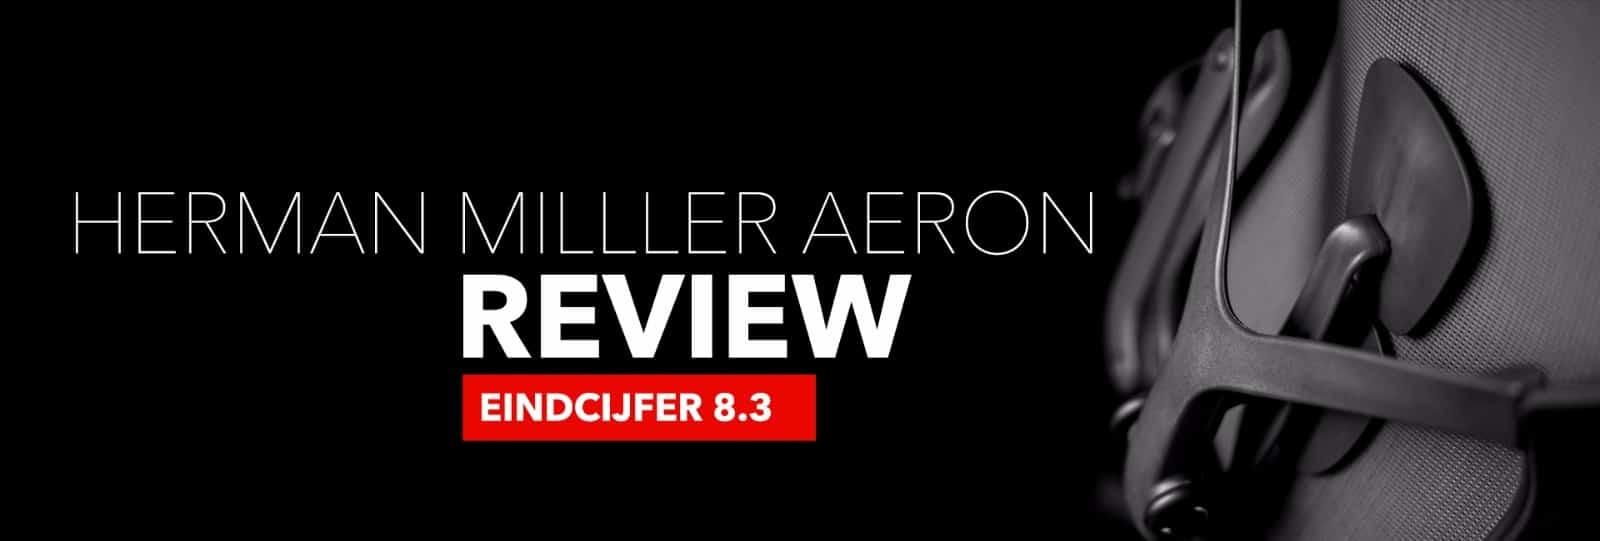 Bureaustoel Beste Getest.Herman Miller Aeron Bureaustoel Getest Door Officerepublic Review